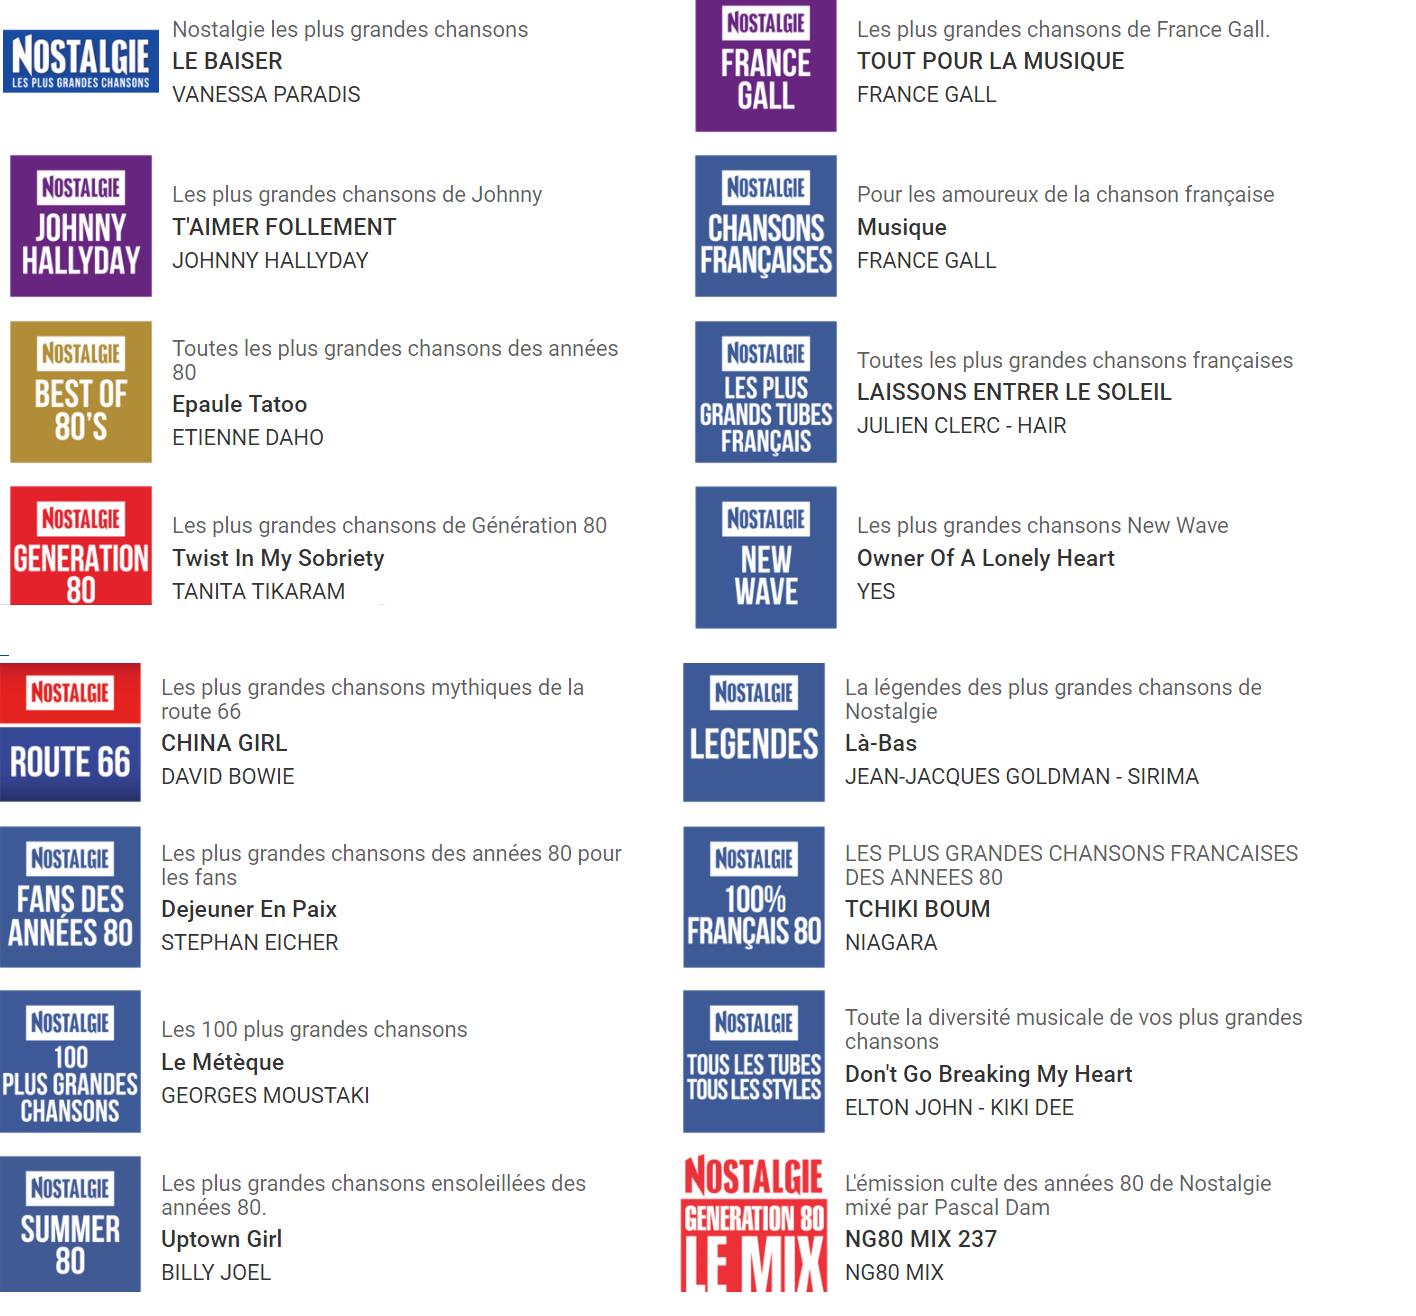 Nostalgie brand bouquet - Radio e Tv 4.0. In Francia i broadcaster si preparano al futuro solo IP. NRJ con brand bouquet da 150 stazioni